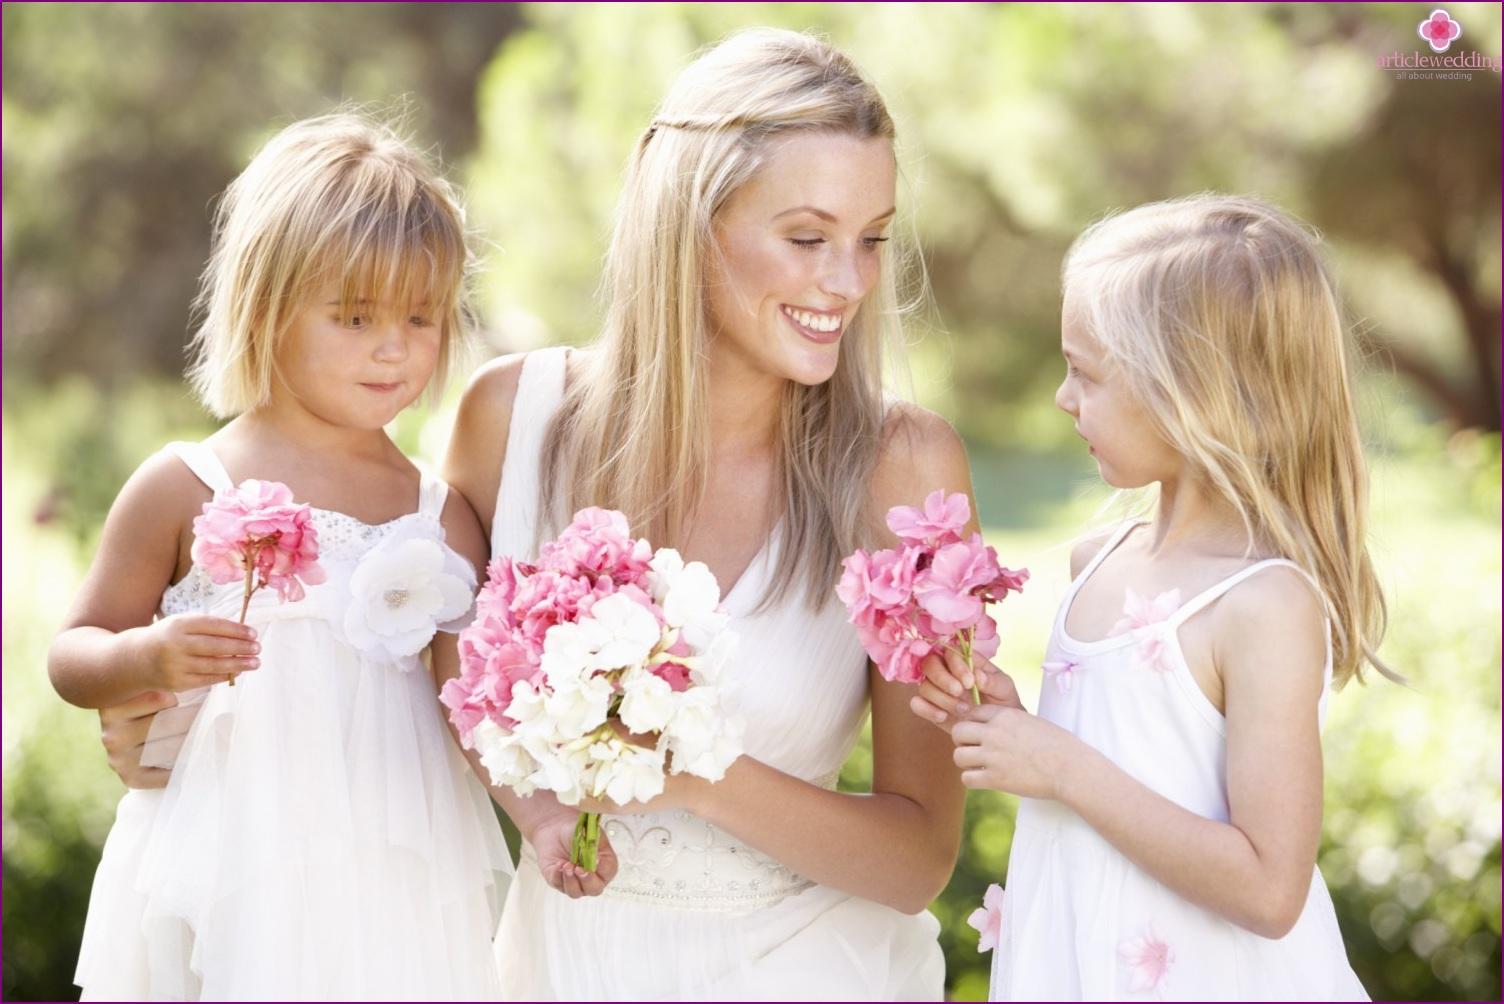 Children at the wedding